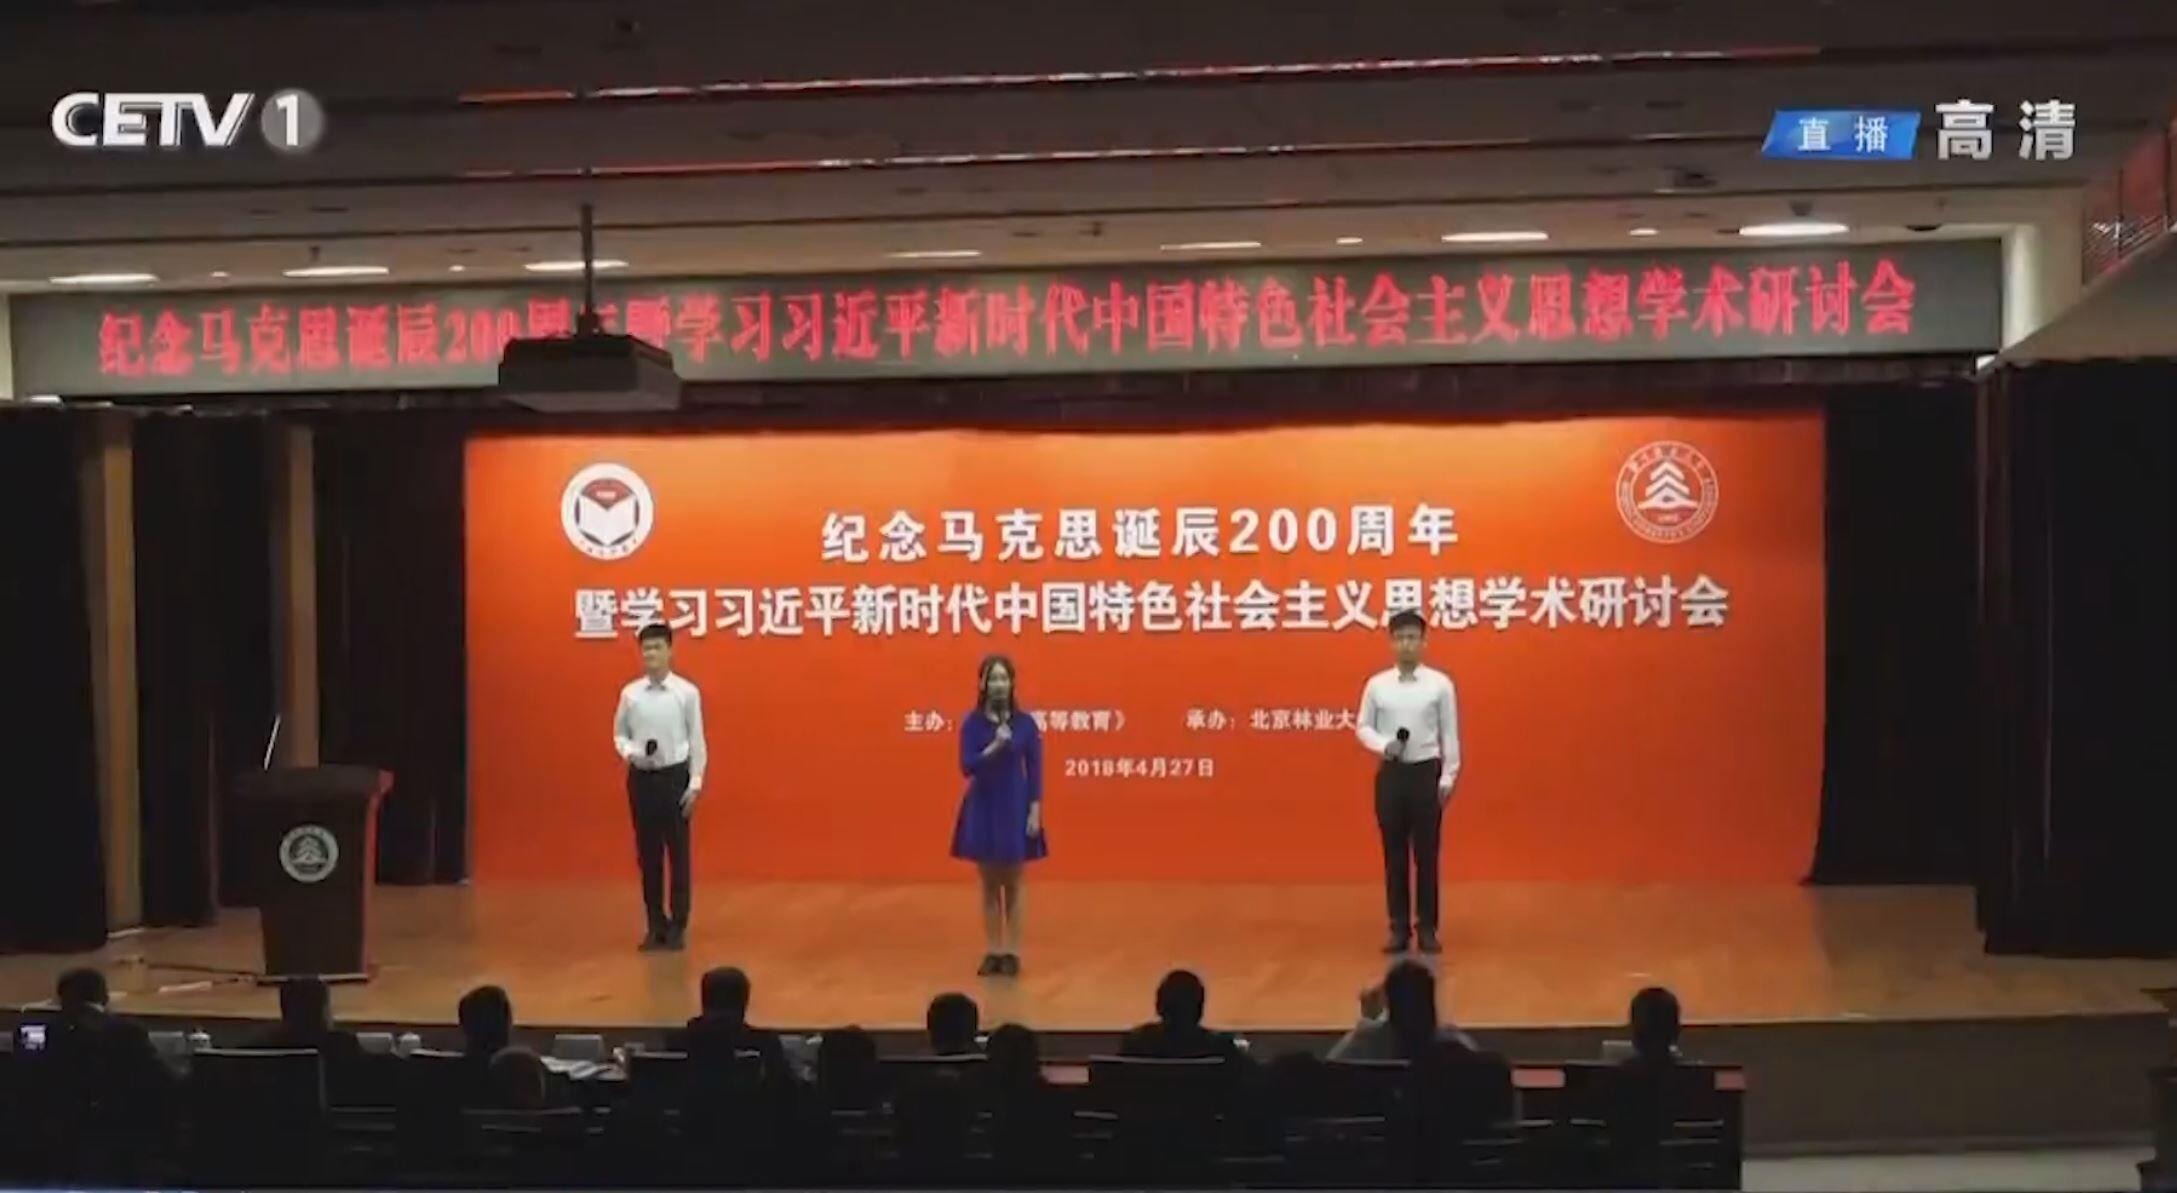 视频新闻第365期:中国教育电视台报道纪念马克思诞辰200周年学术研讨会在校举行